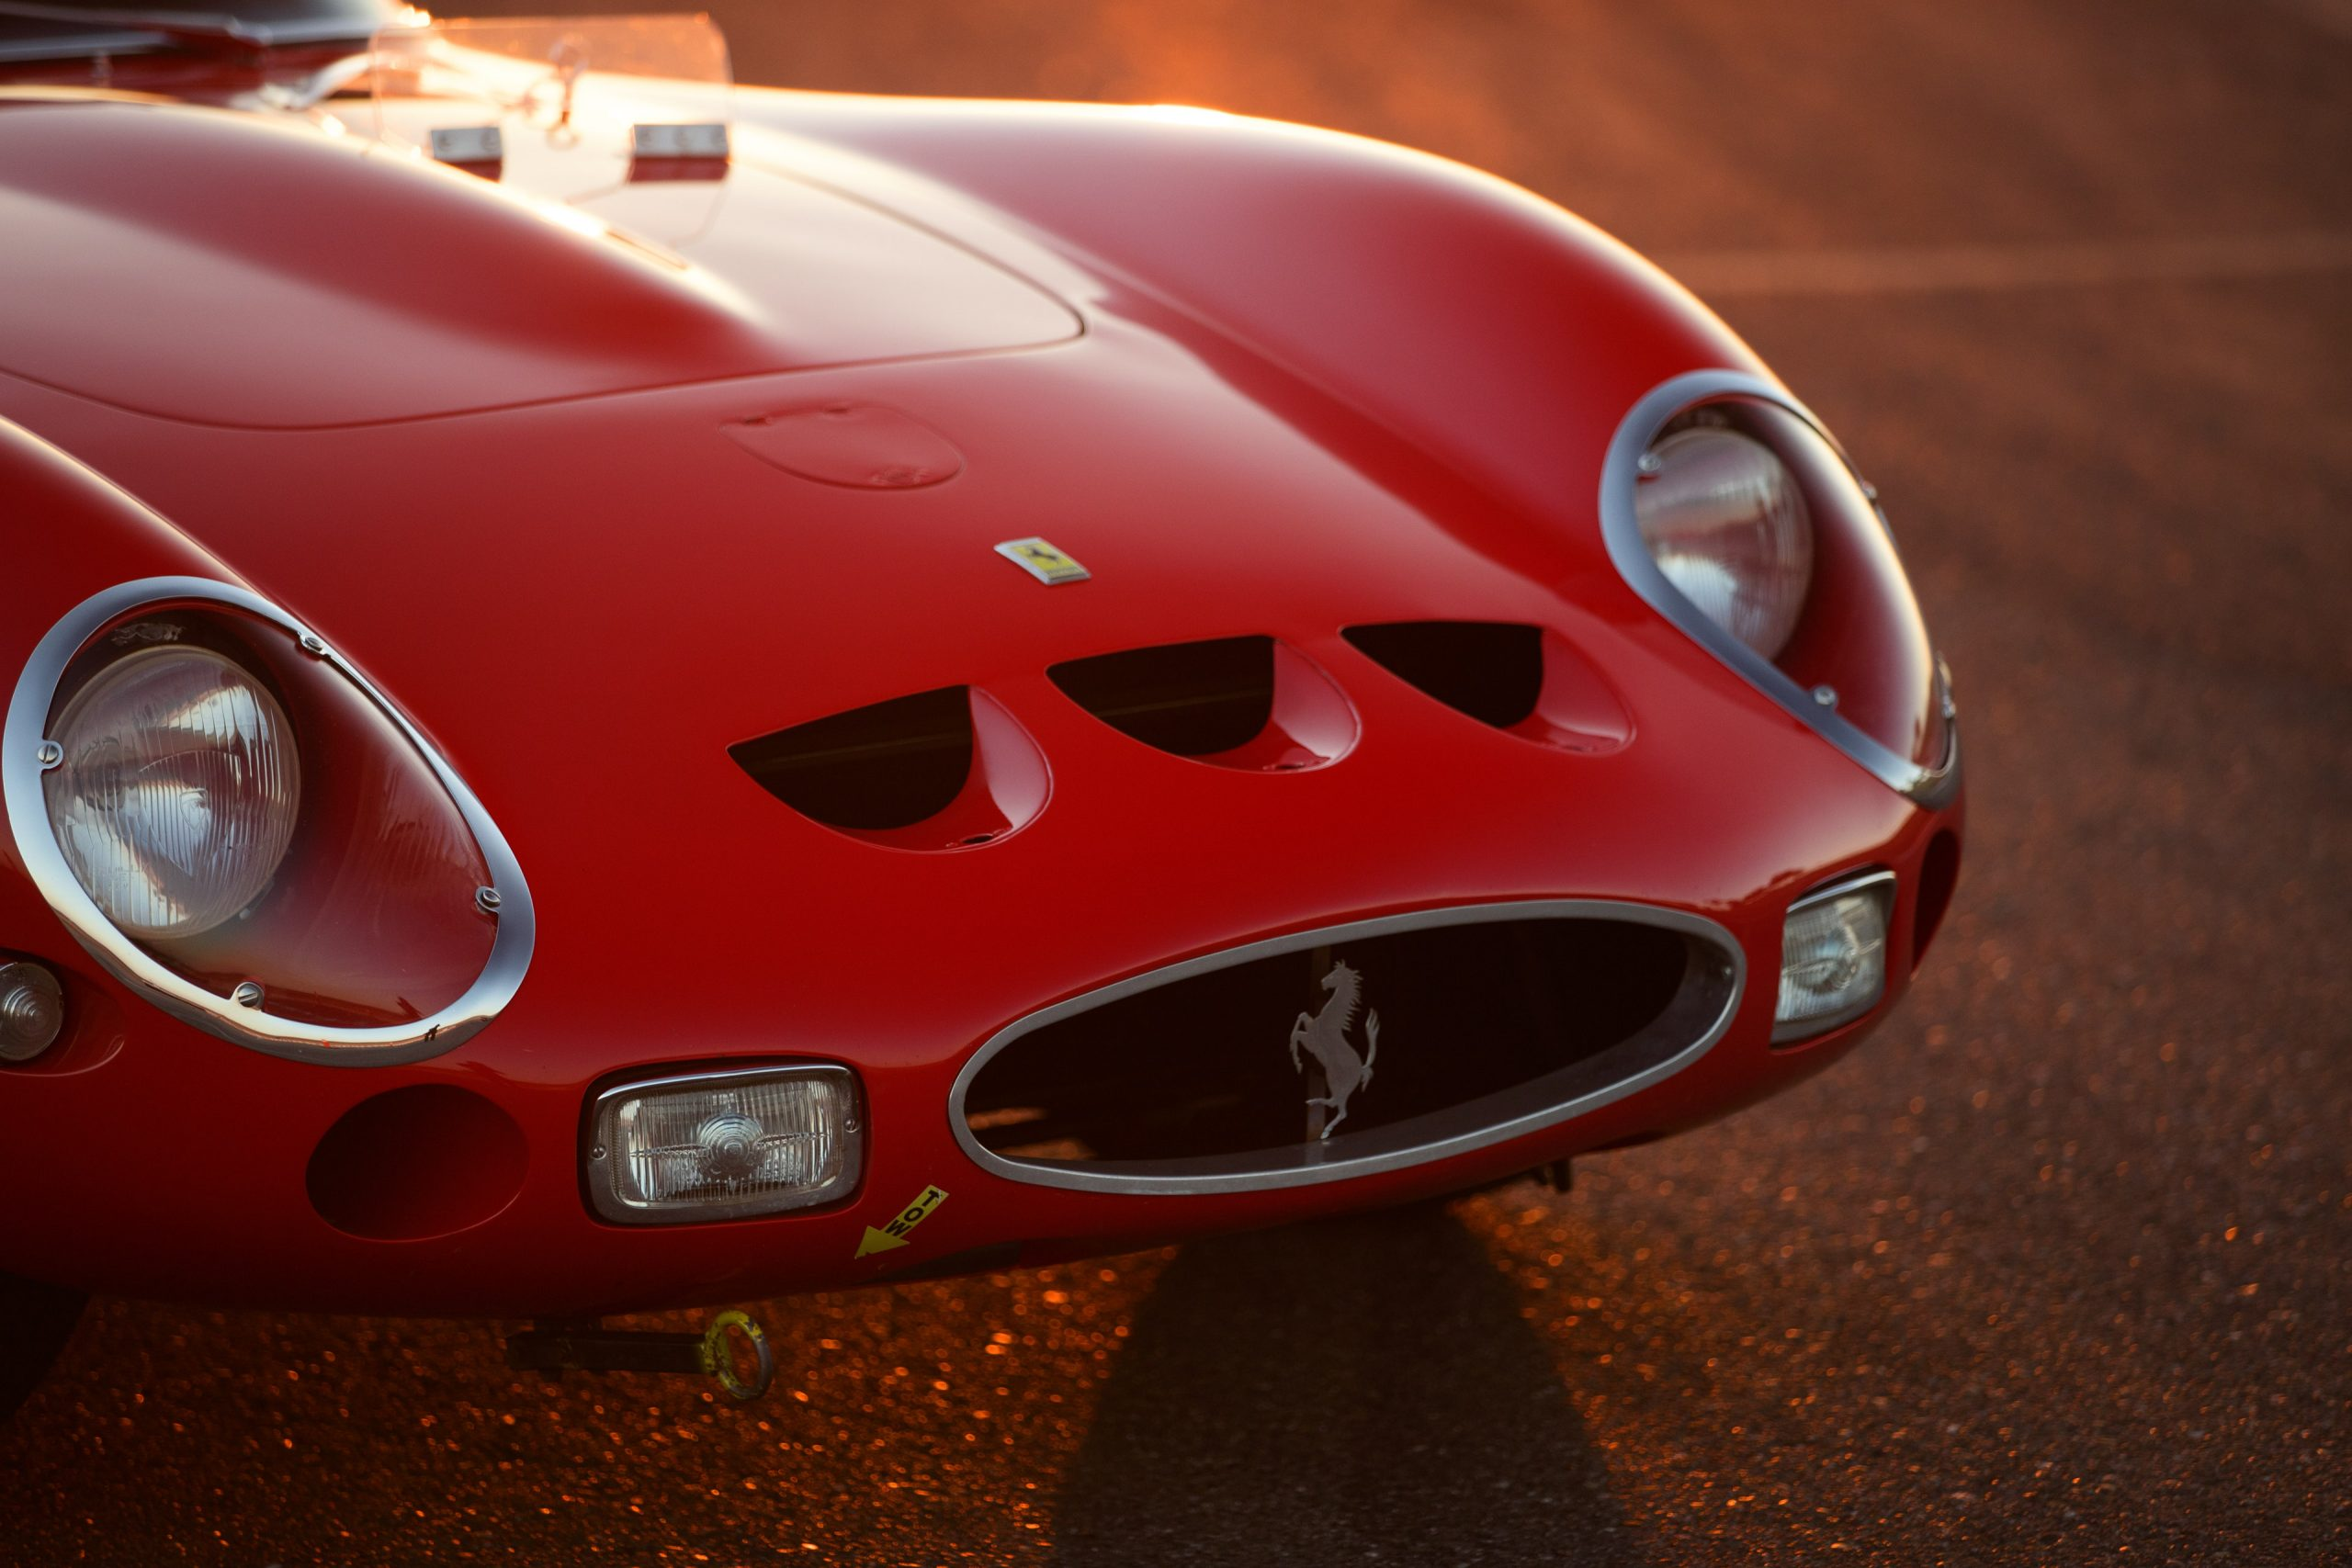 Thunderhill Ferrari front end detail